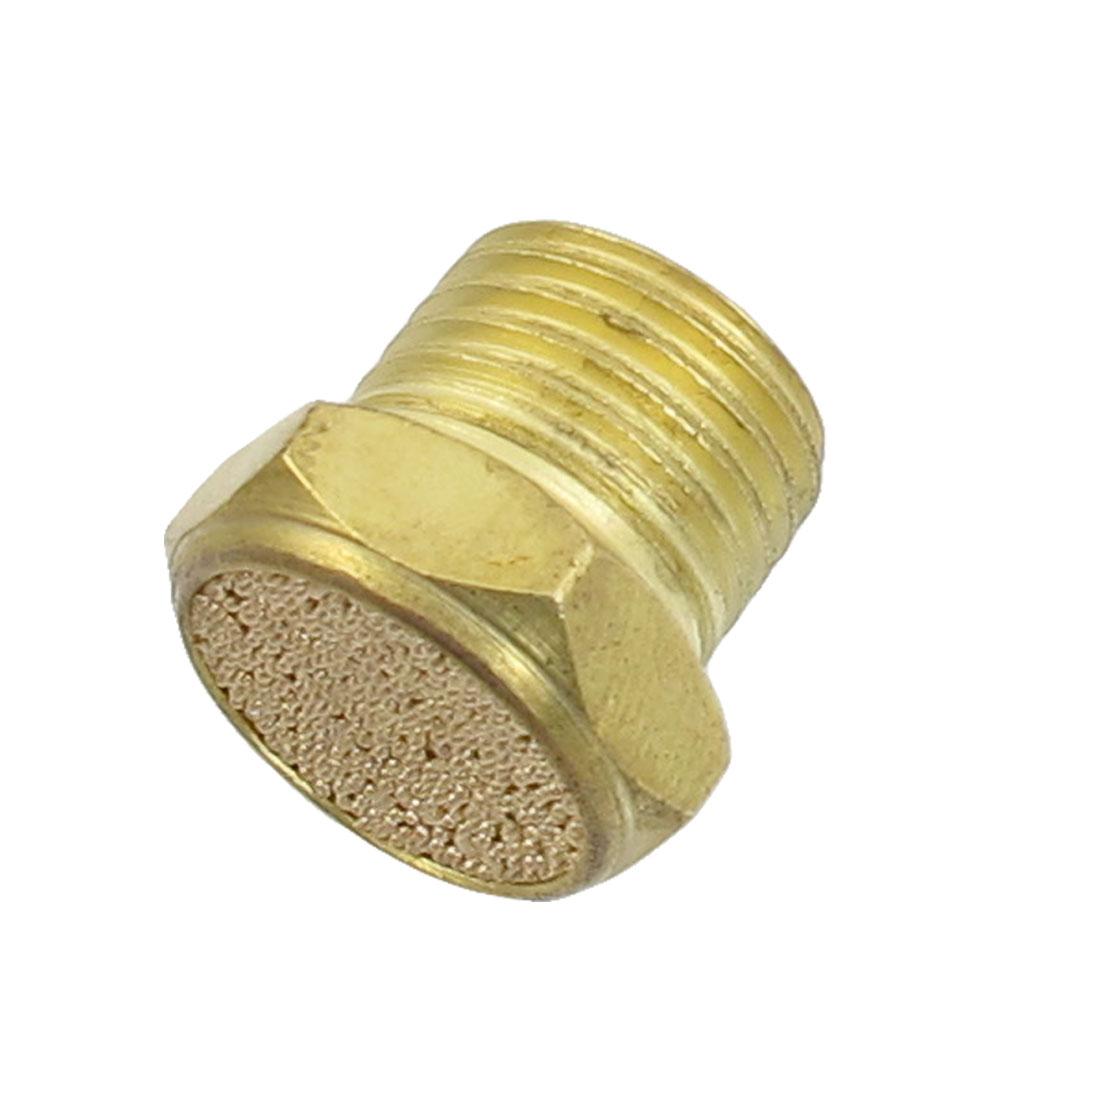 12mm Male Thread Sintered Bronze Pneumatic Exhaust Silencer Muffler